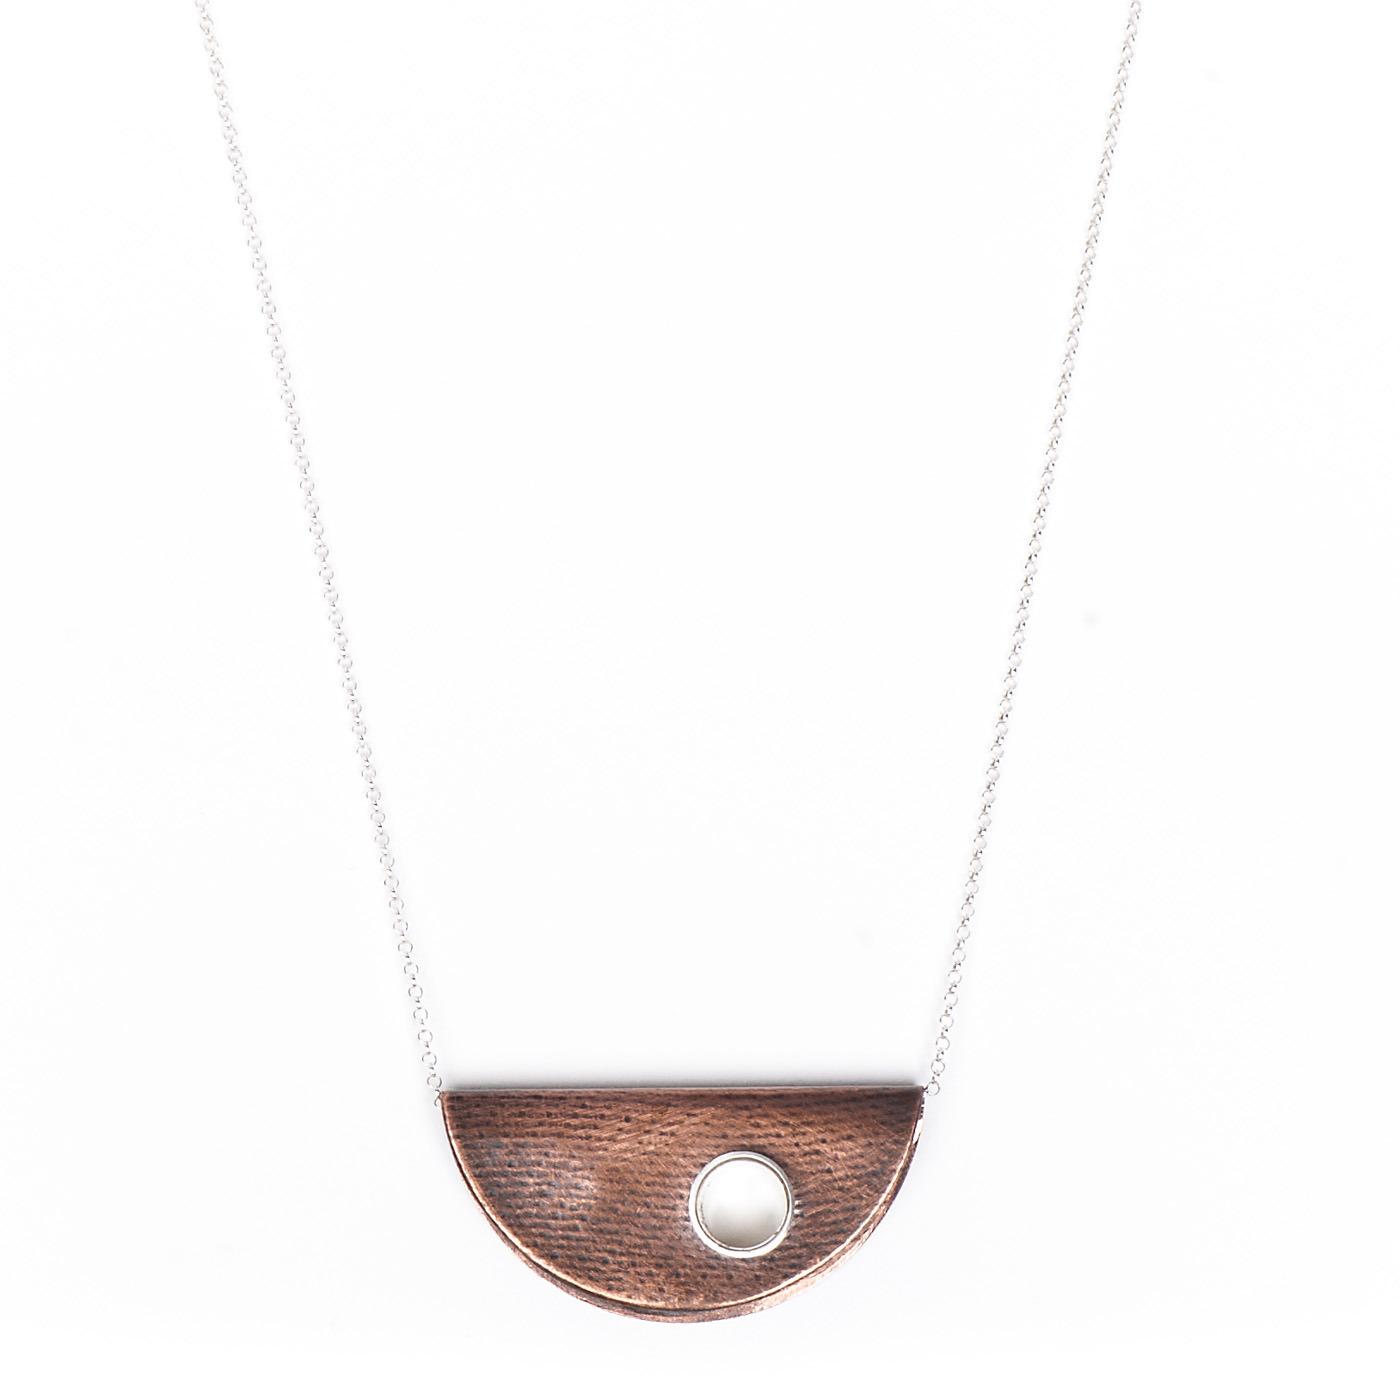 Artisan, Eco-Friendly, Designer Half Moon Necklace